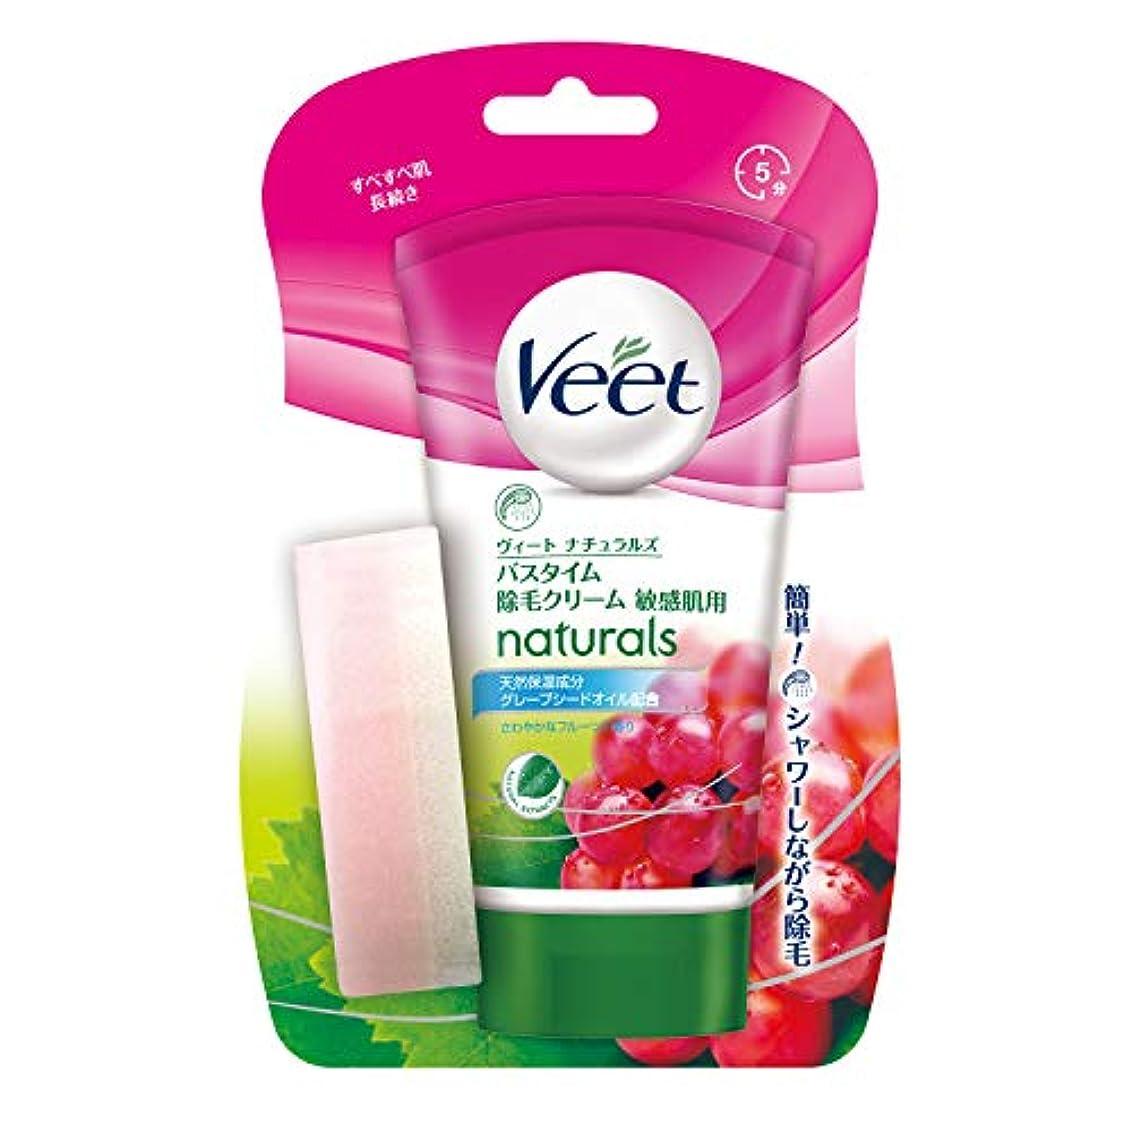 幅輝度キャプチャーヴィート バスタイムセン用 除毛クリーム 敏感肌用 150g (Veet Naturals In Shower Hair Removal Cream  Sensitive 150g)